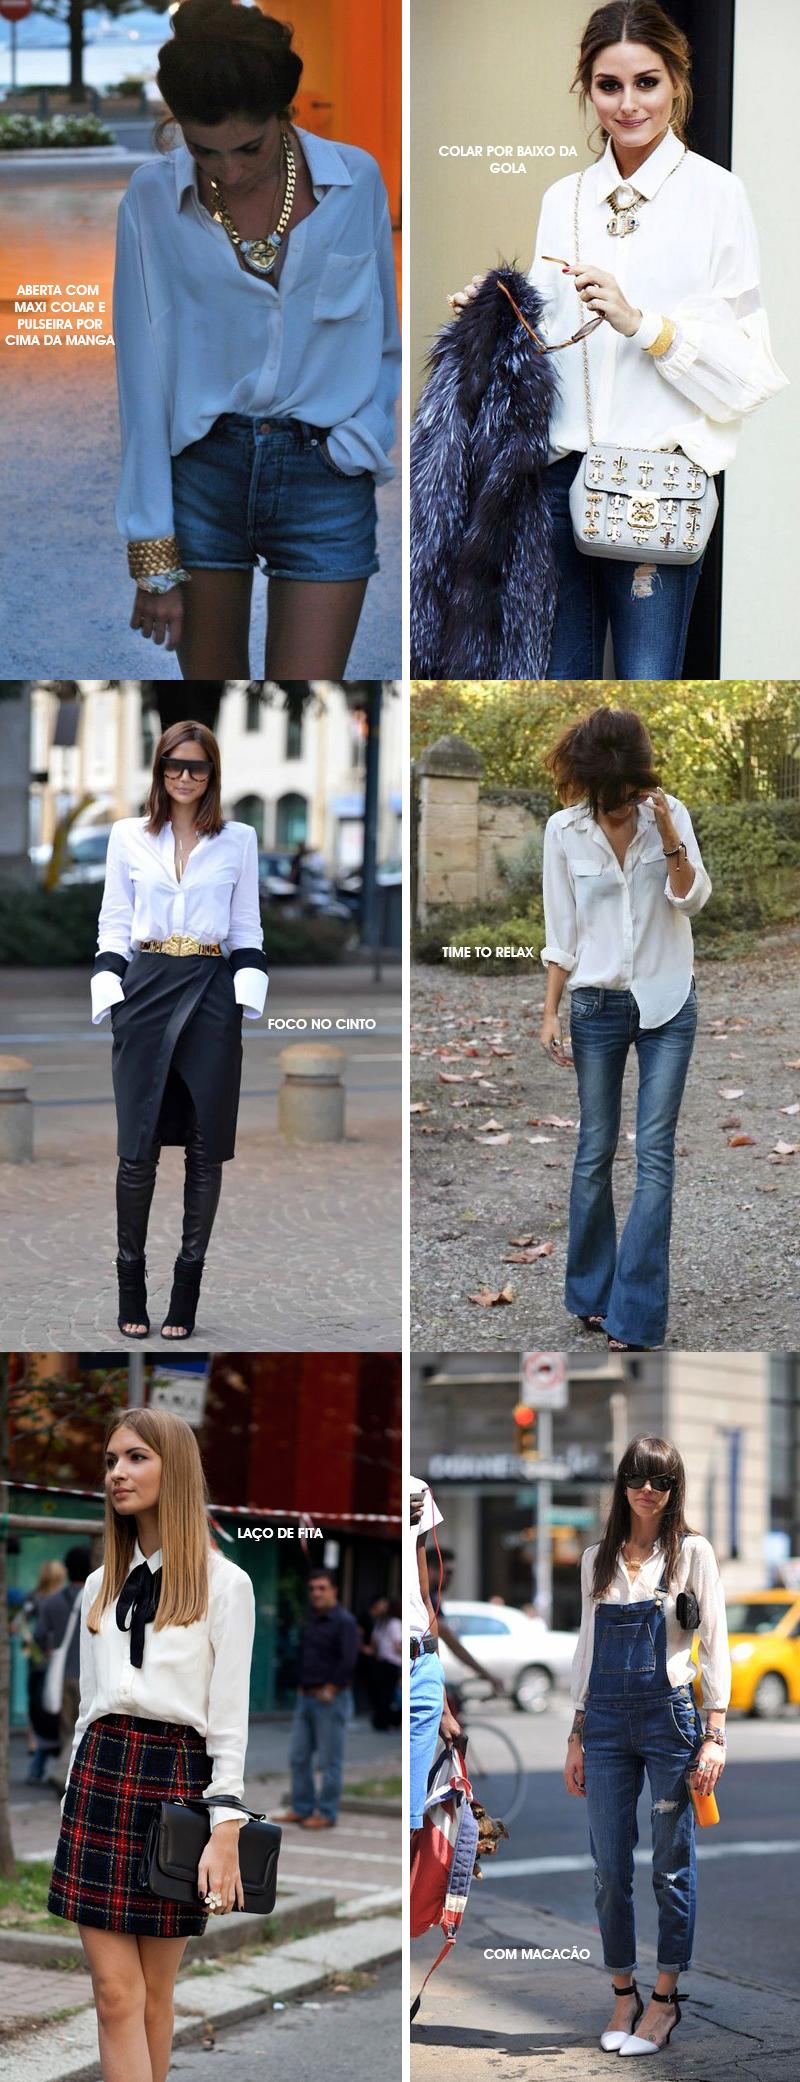 Como usar camisa branca - Dicas de estilo e looks com camisa branca  - por Deisi Remus